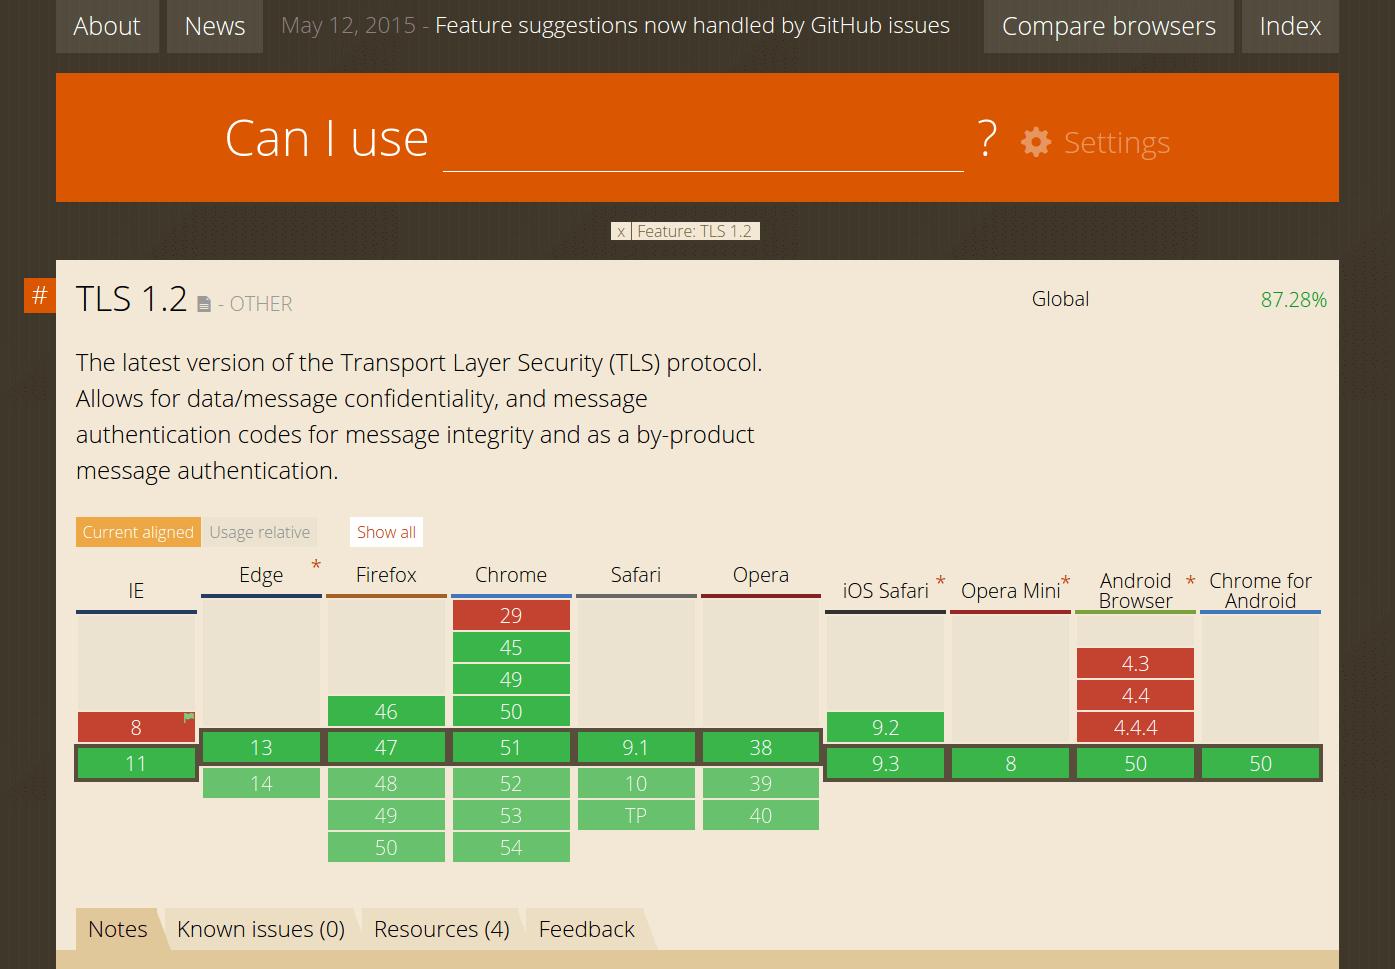 CanIuse_TLS-1.2